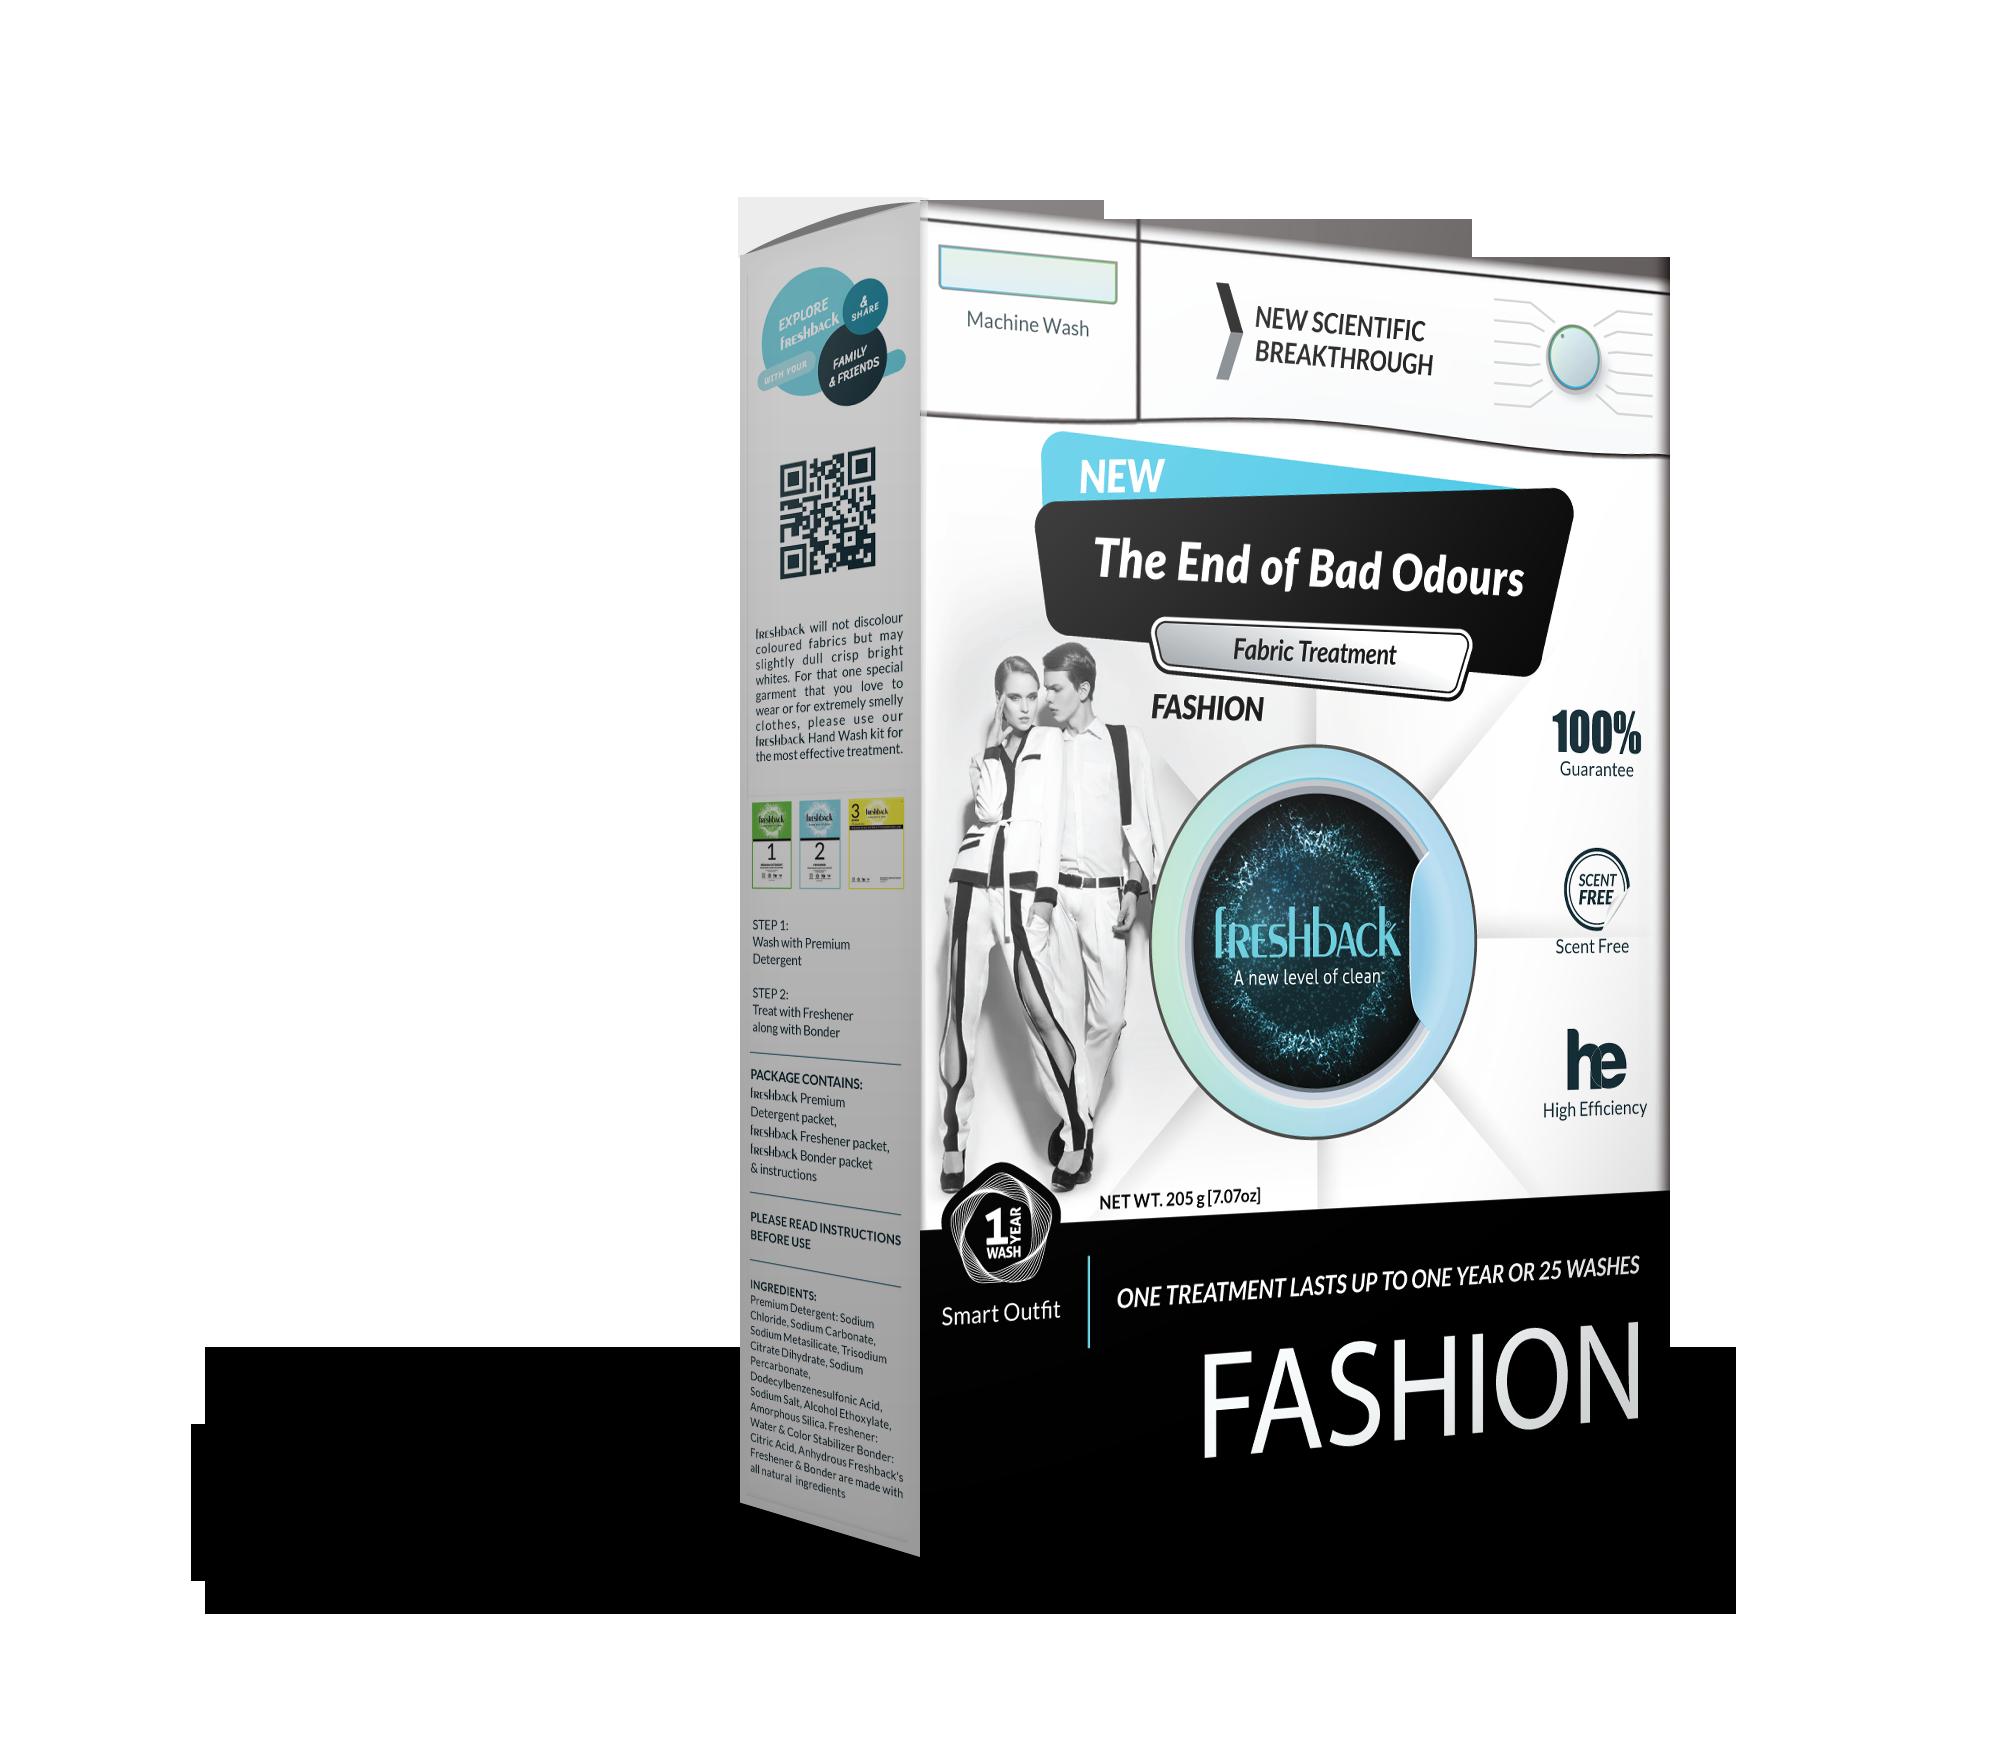 FASHION_MW Package_HR